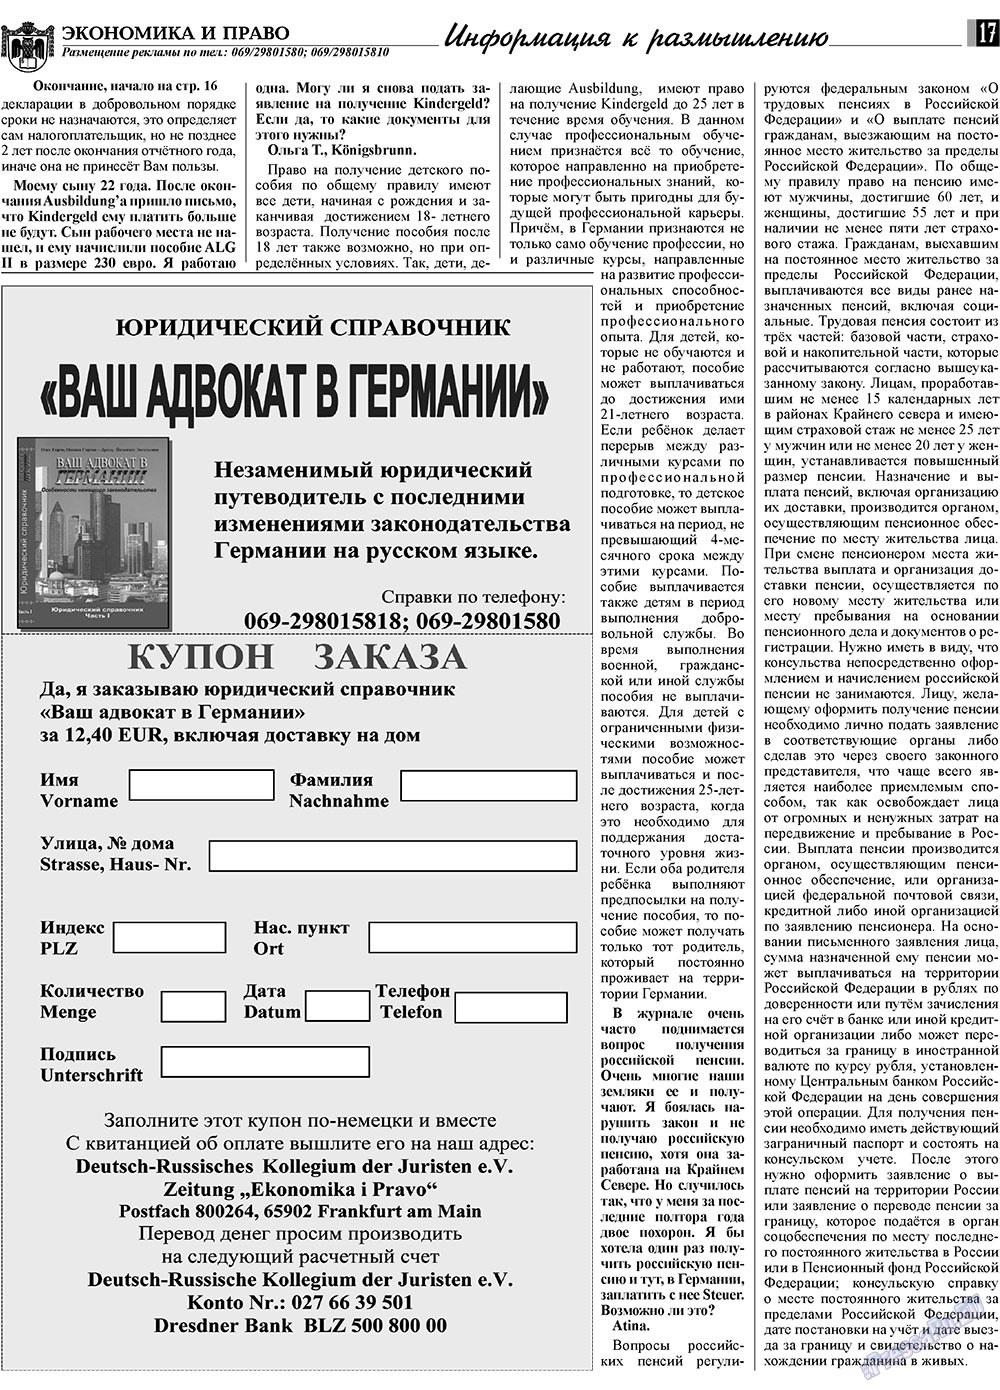 Экономика и право (газета). 2009 год, номер 4, стр. 17